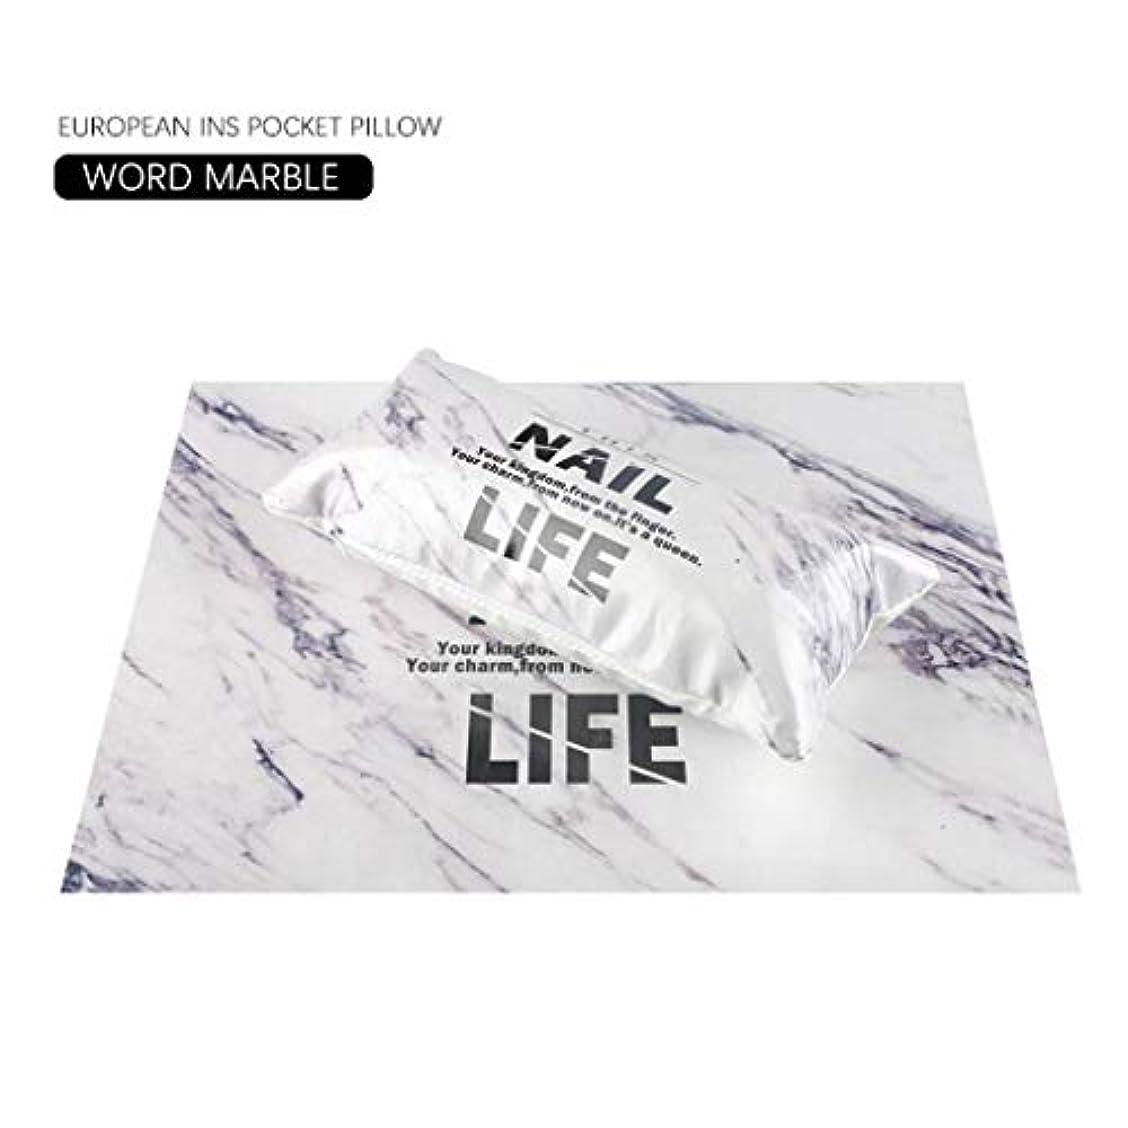 繰り返した稚魚スムーズに欧州INS風マニキュアハンド枕ネイルセット手首枕スポンジ (大理石)